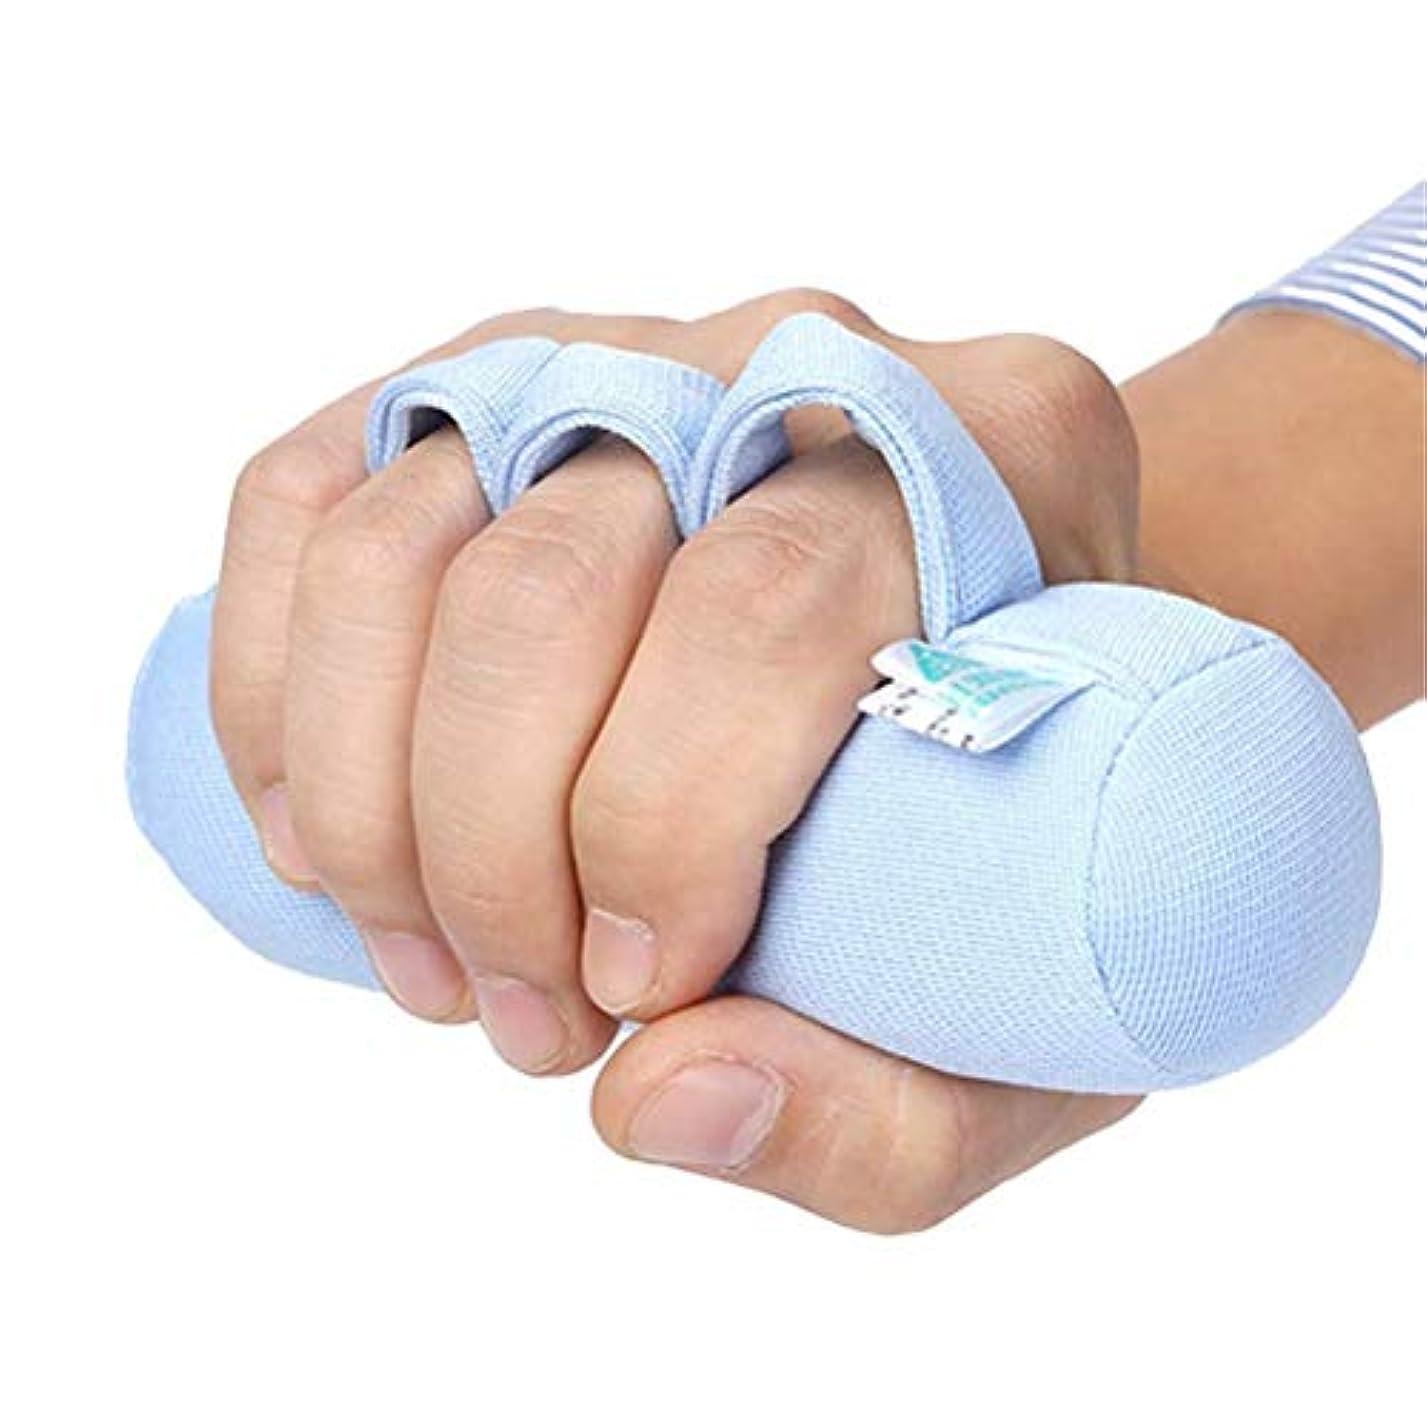 パスタ動揺させる苦痛左右の手に適した指セパレーター手拘縮装具、高齢者のスポーツ指のリハビリ、ベッドに乗った患者抗褥瘡ケアパッド、